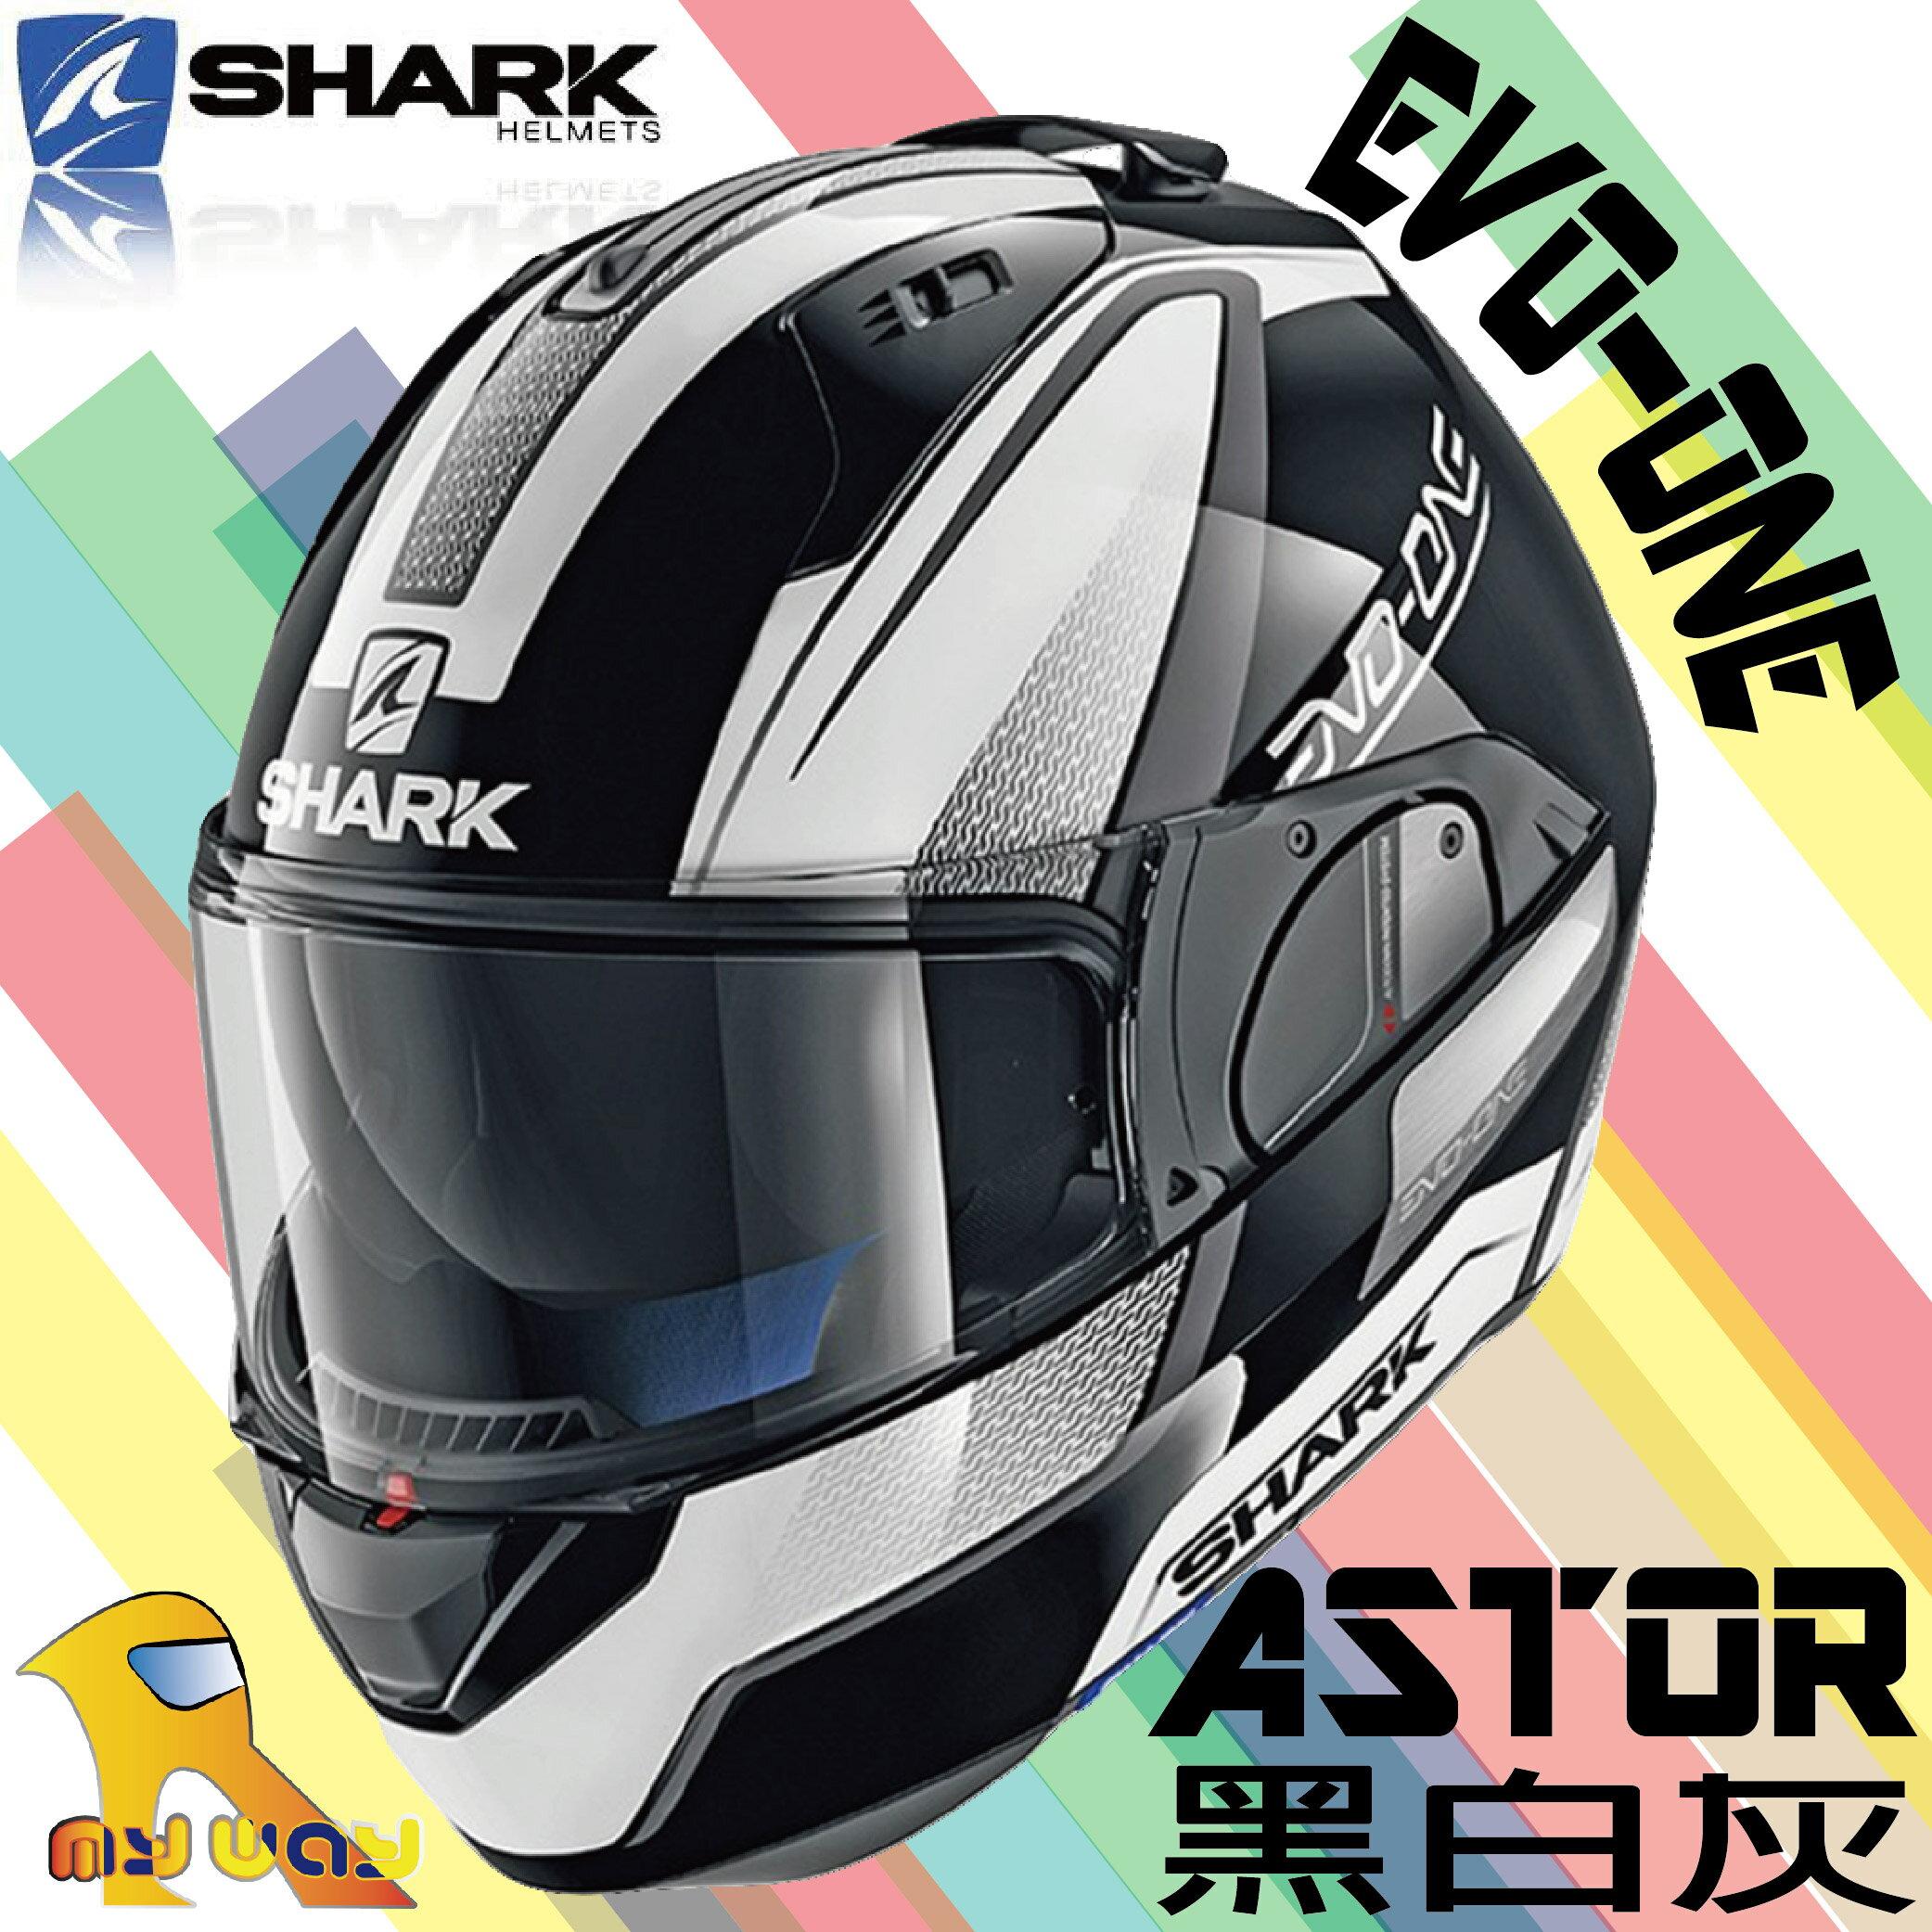 ~任我行騎士部品~SHARK EVO-ONE ASTOR 黑白灰 內藏鏡片 可樂帽 汽水帽 可掀式安全帽